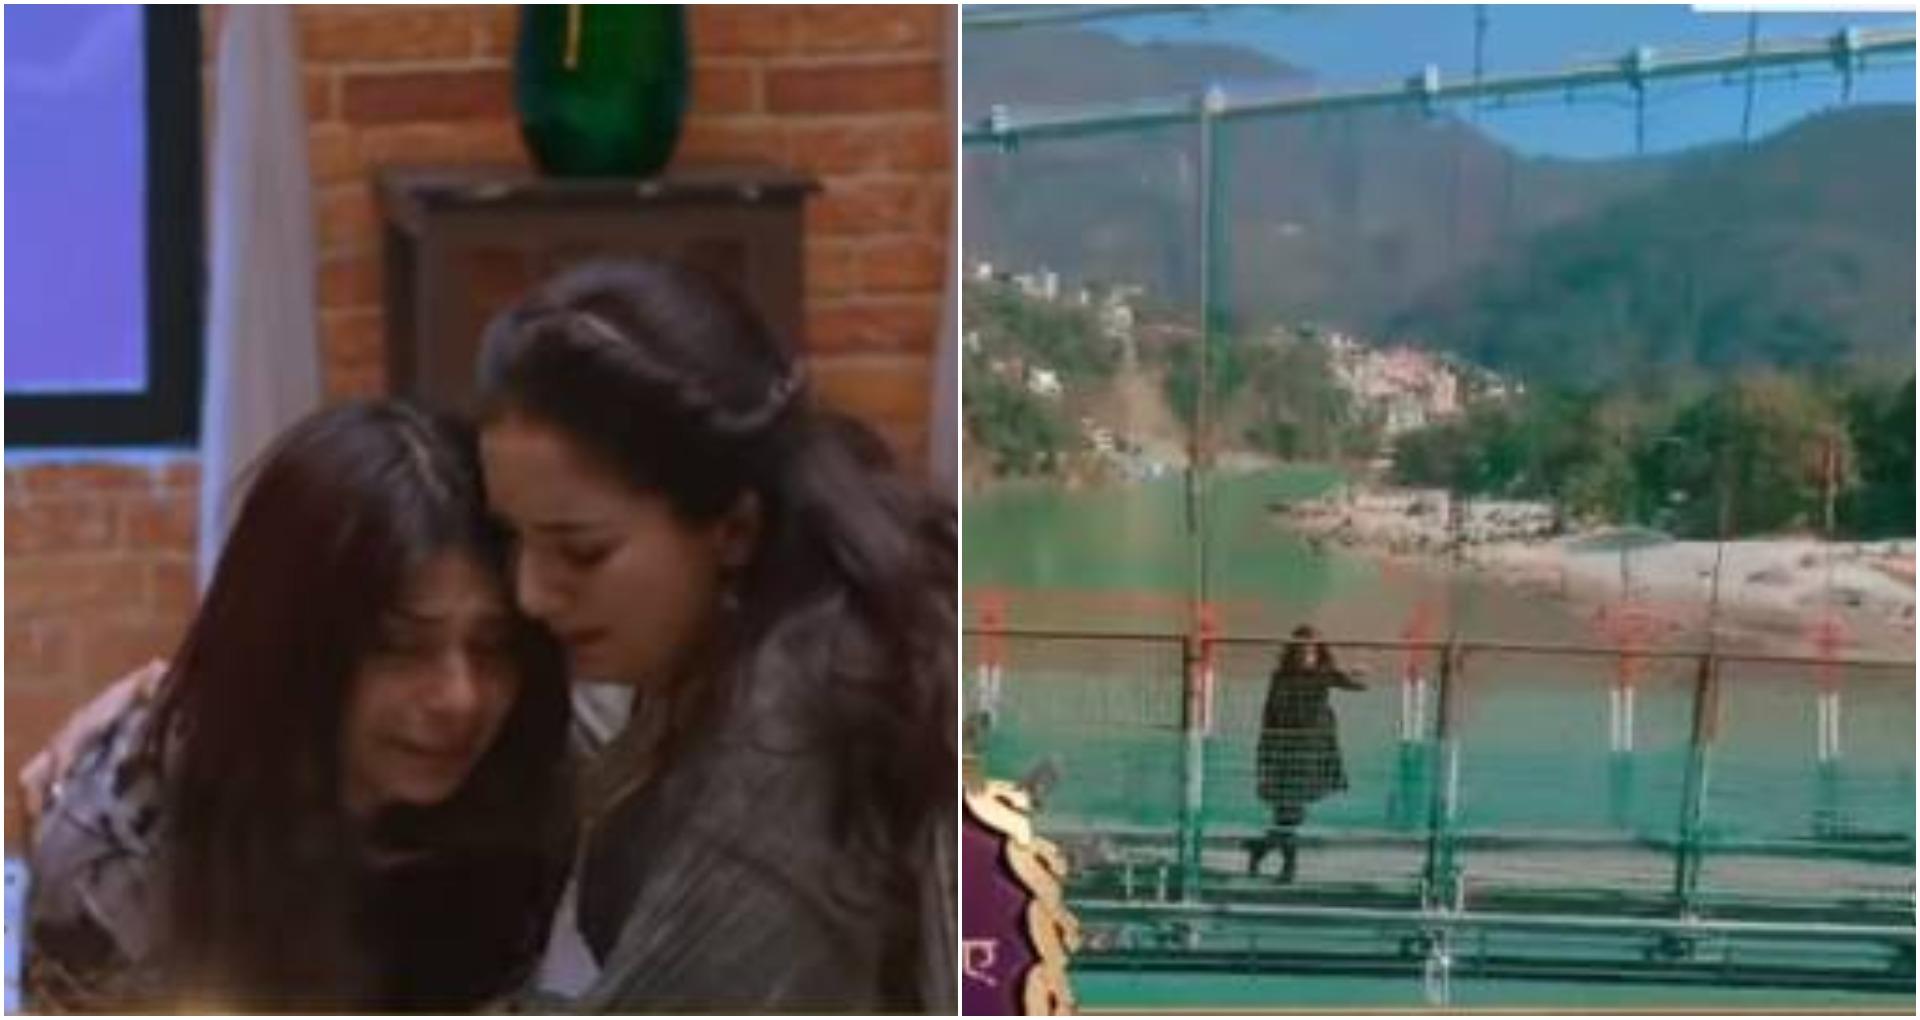 Beyhadh 2 Preview, 30 January: रूद्र के प्यार में माया हुई पागल, सुसाइड करने का किया फैसला, देखें वीडियो